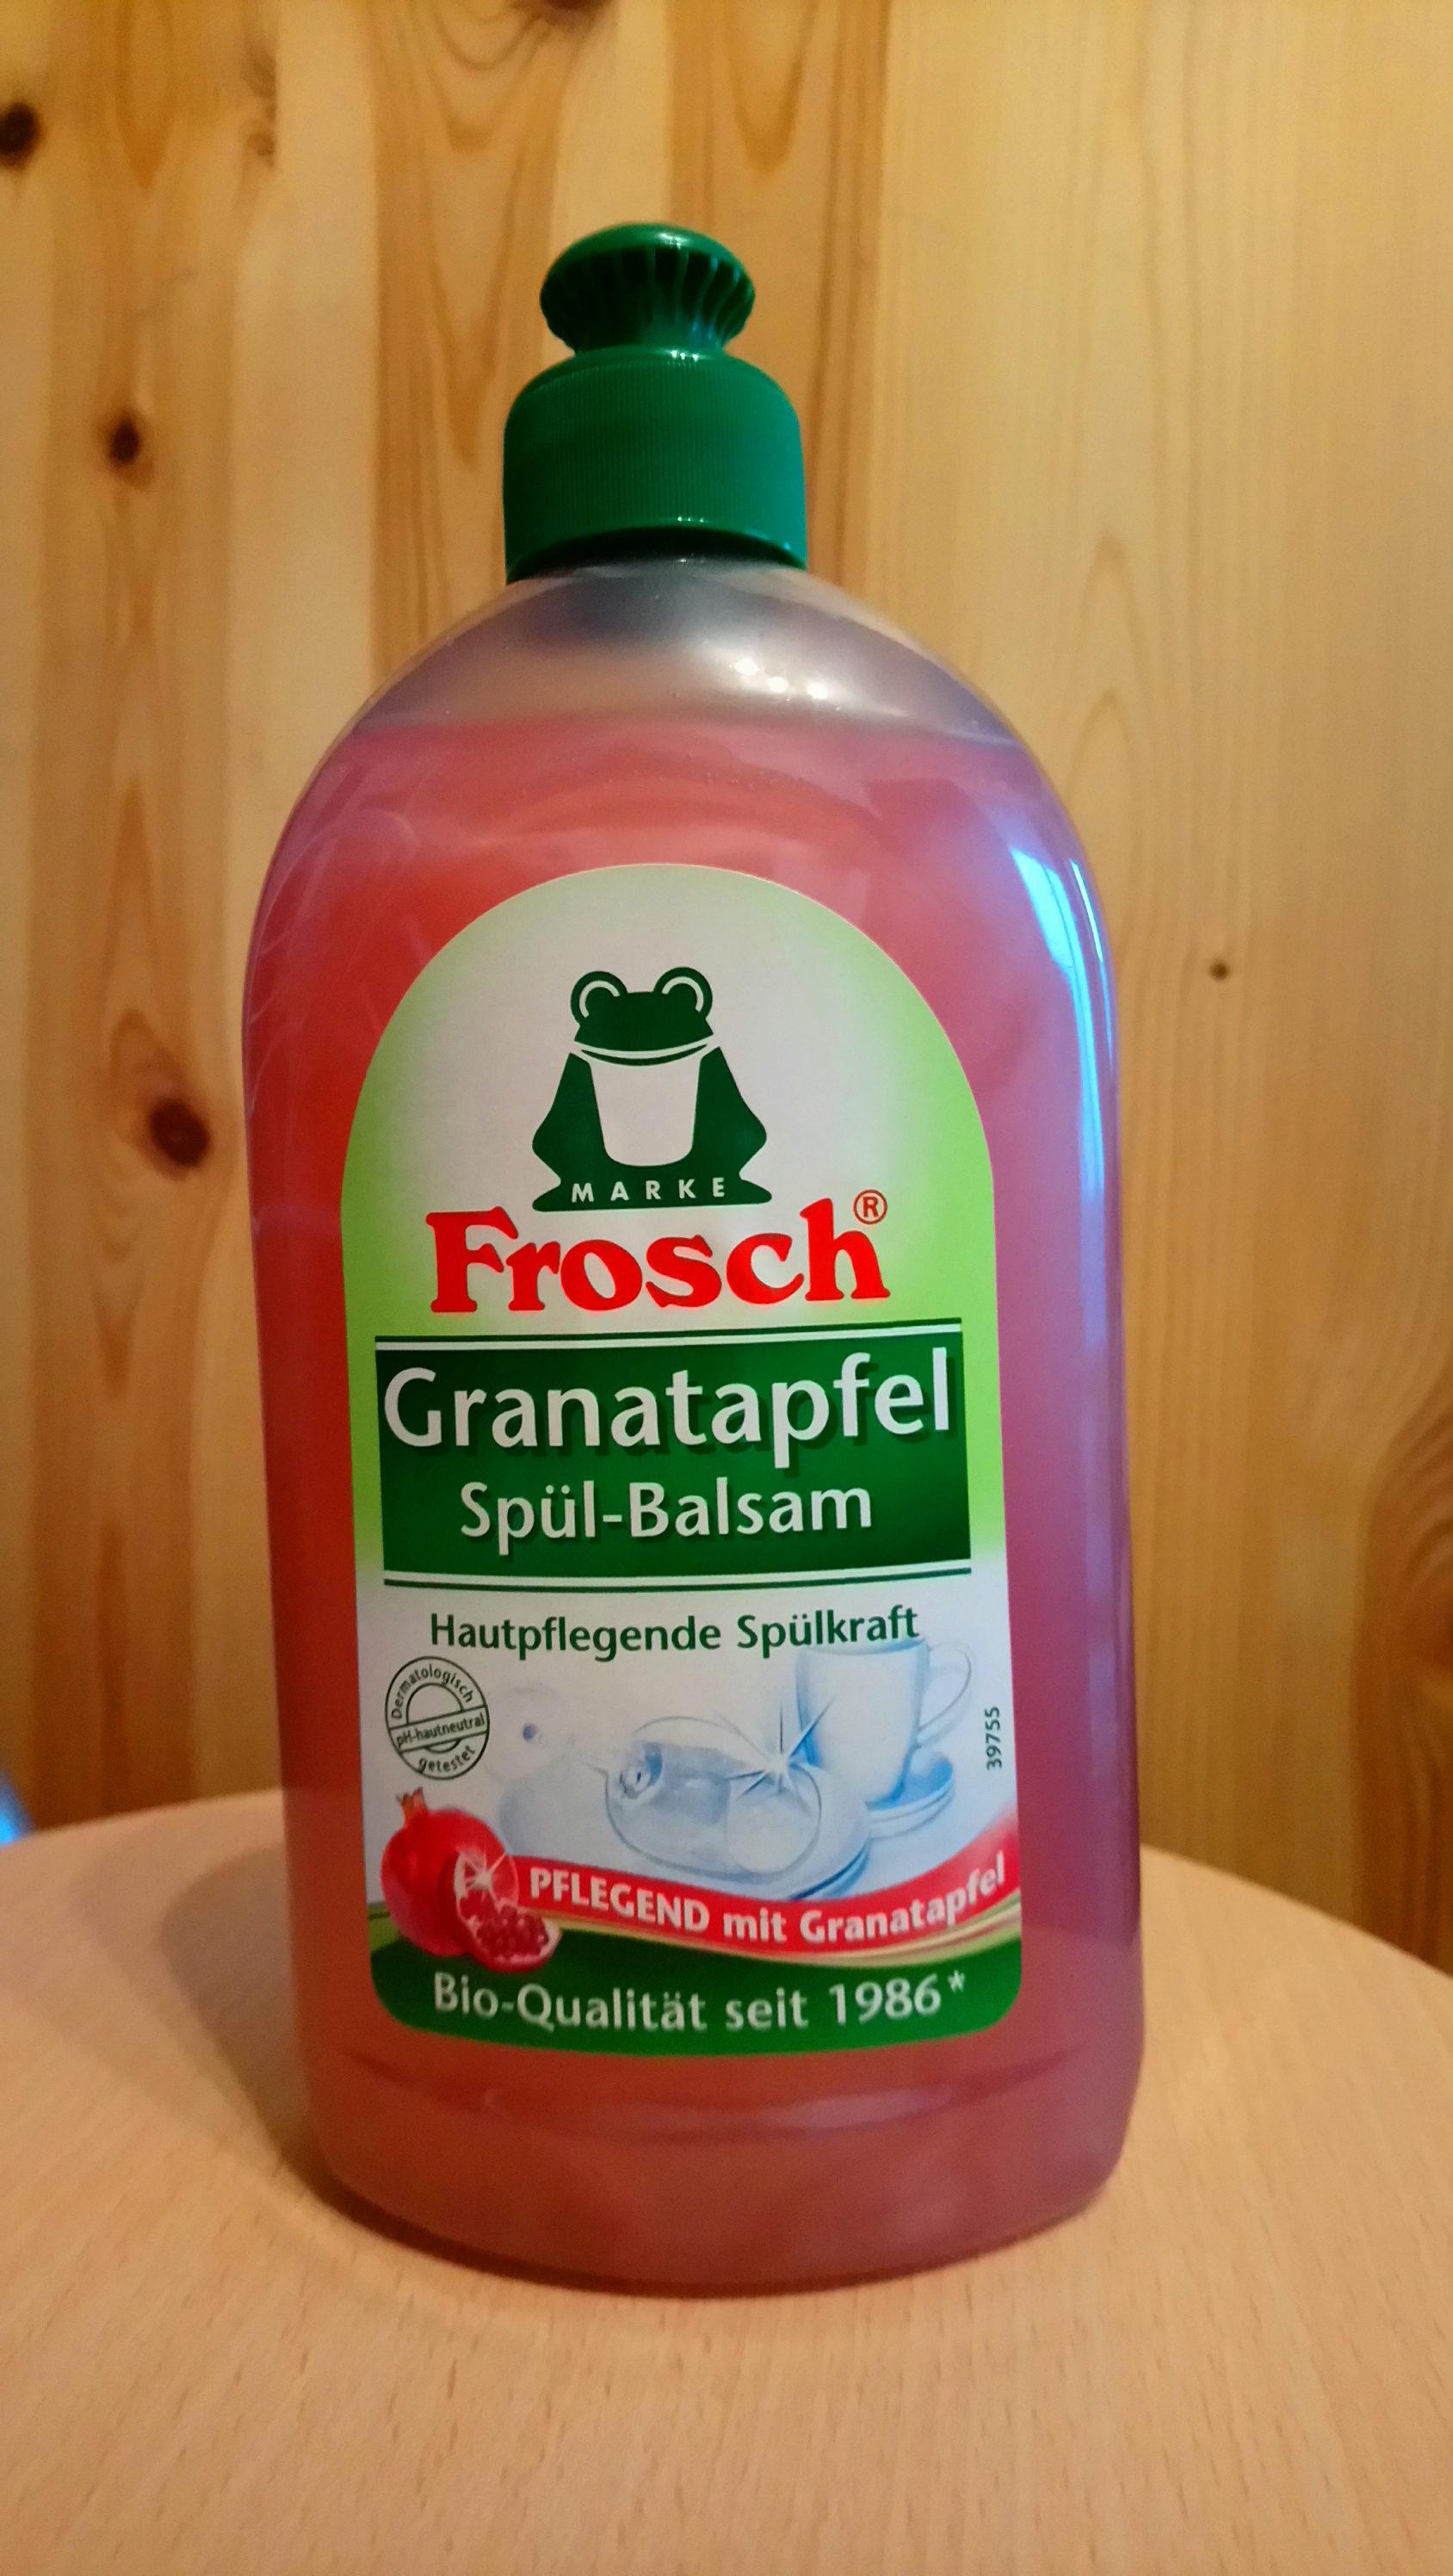 Granatapfel Spül-Balsam - Product - de